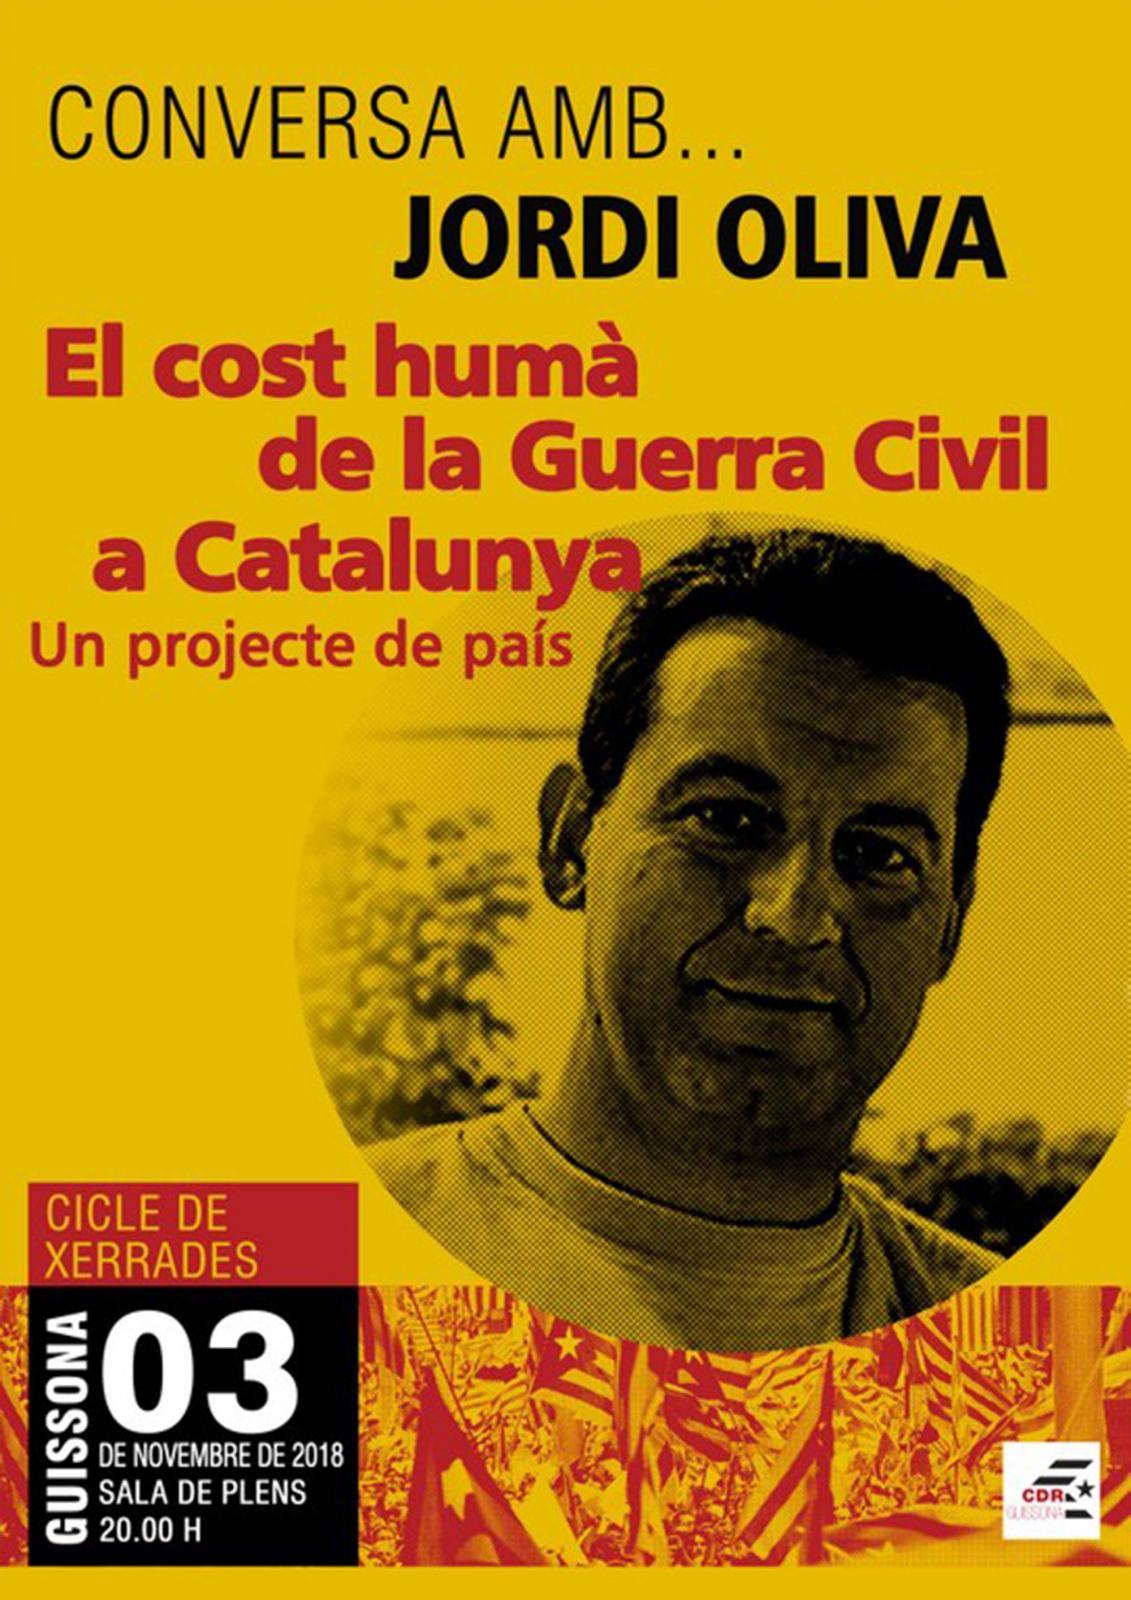 Conversa amb Jordi Oliva 'El cost humà de la Guerra Civil a Catalunya'